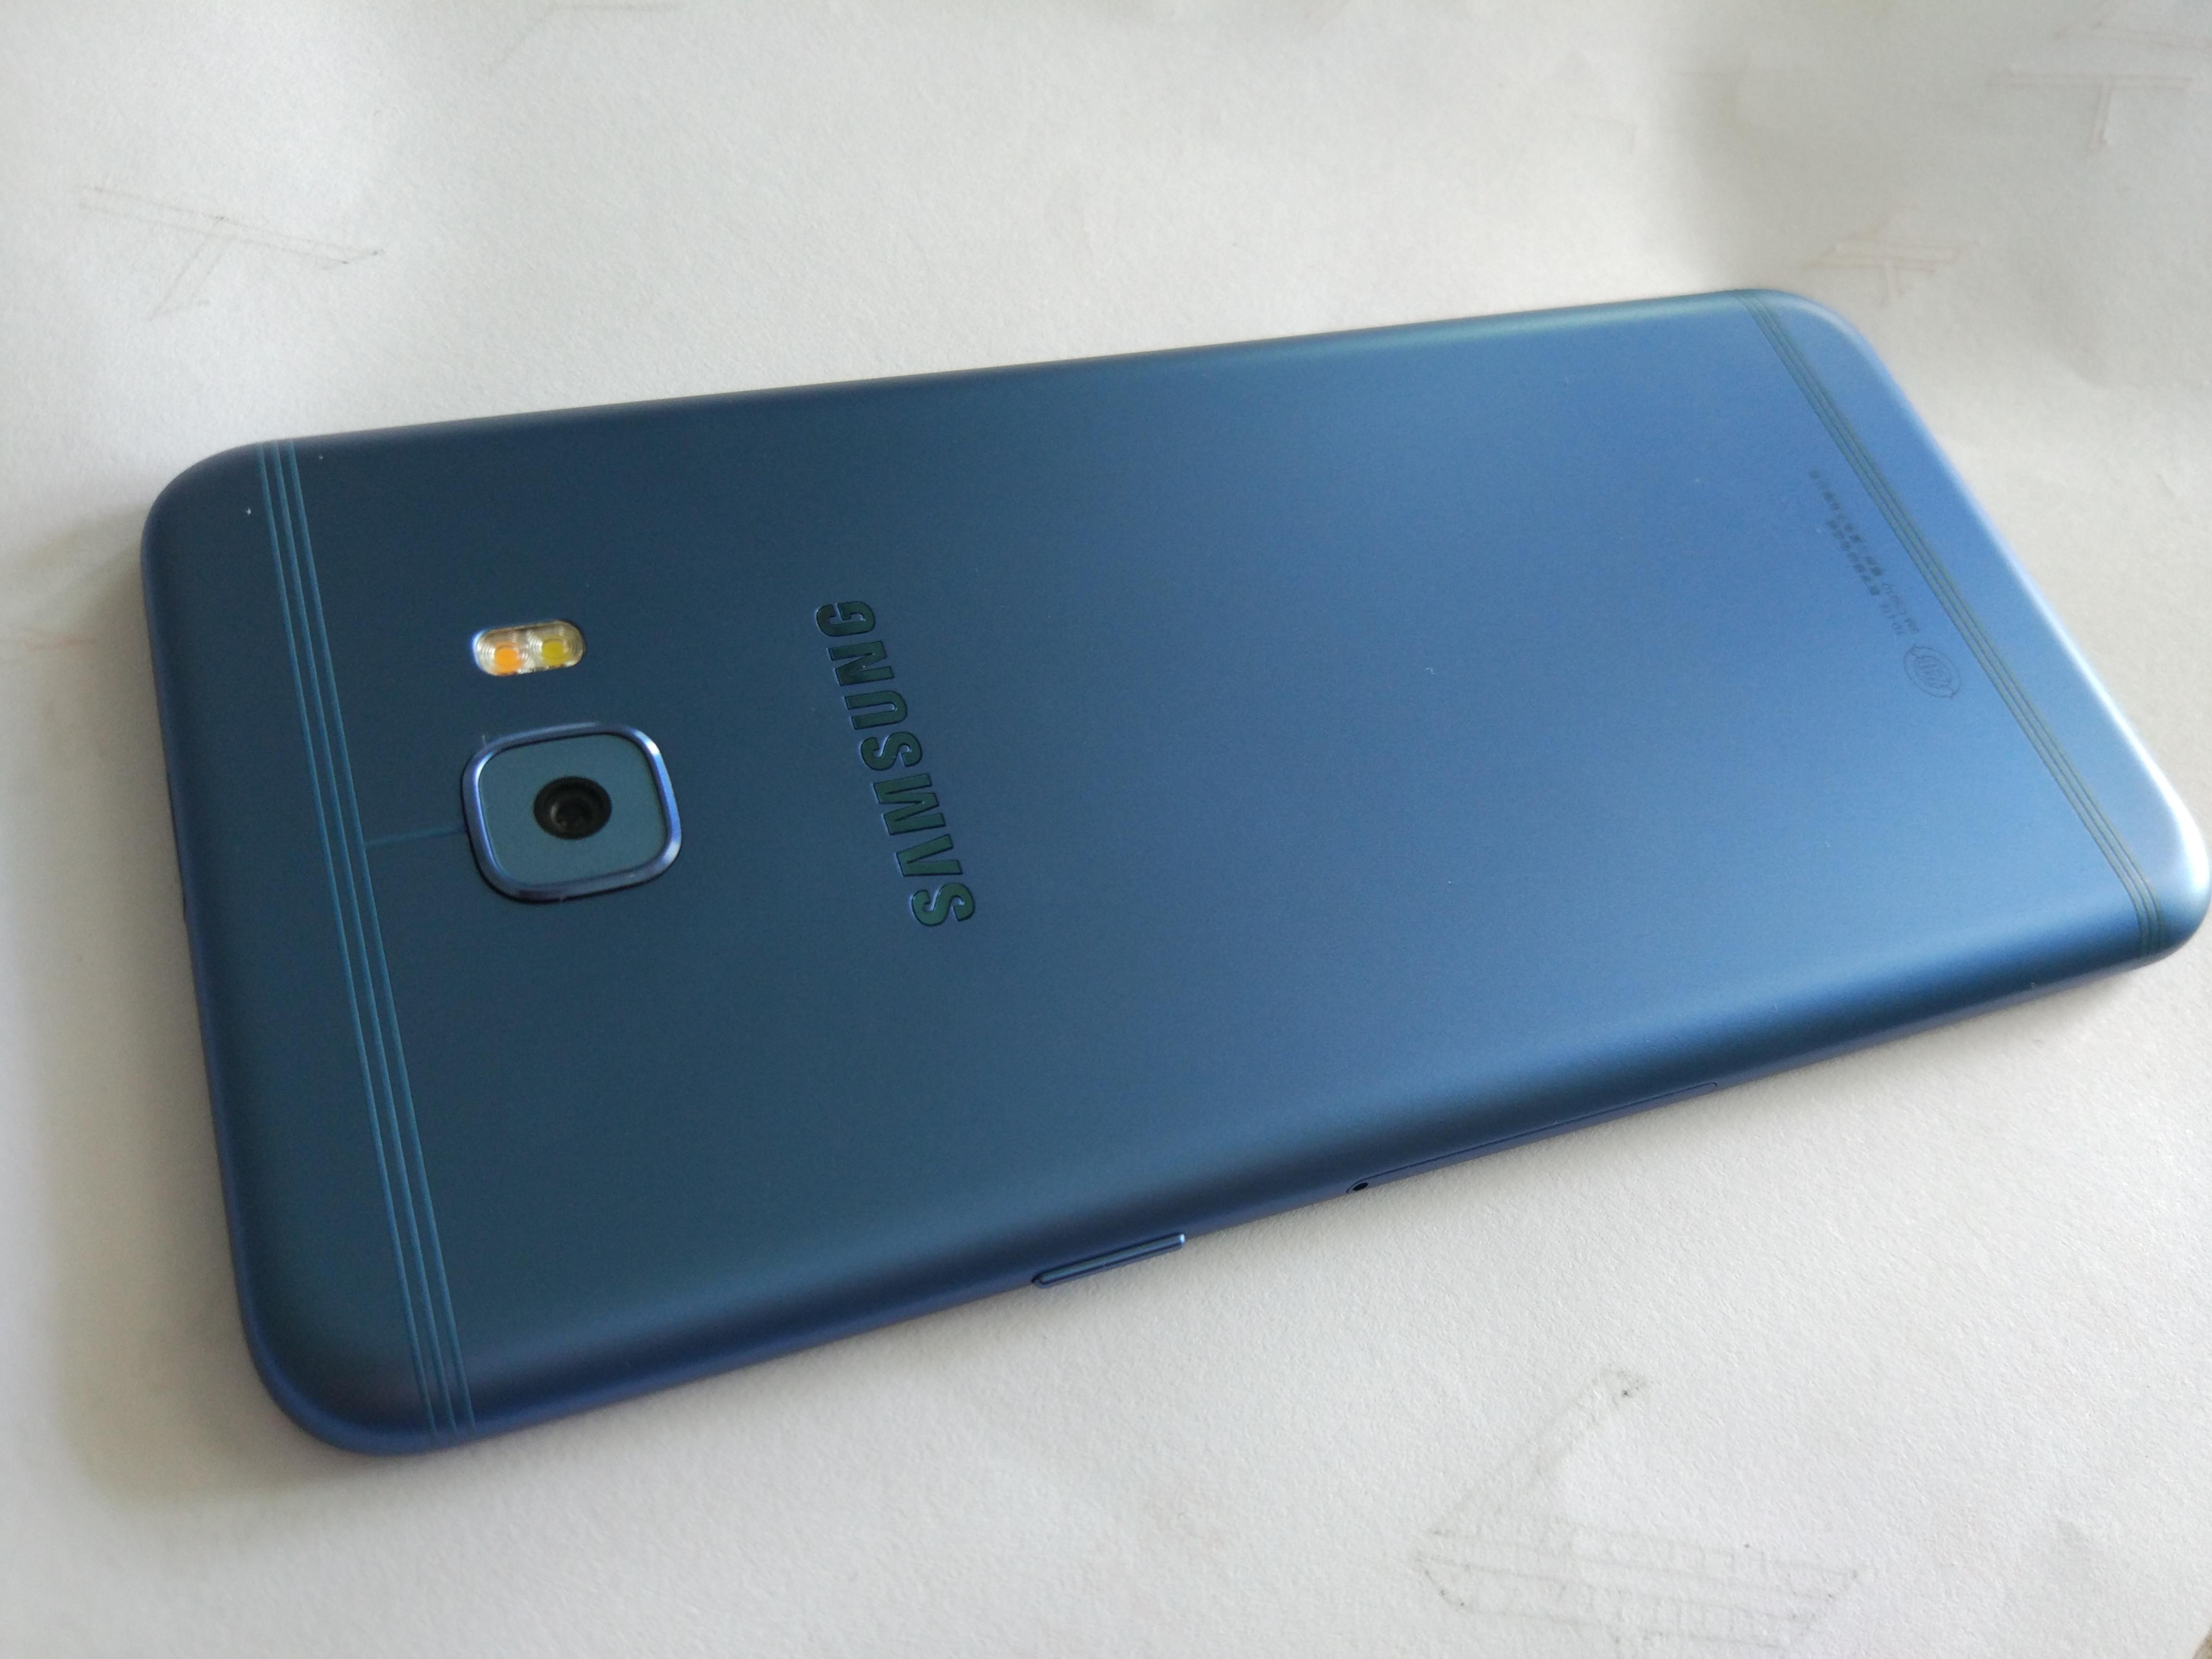 手机 三星手机 三星galaxy c5 pro 点评  优点: 5.